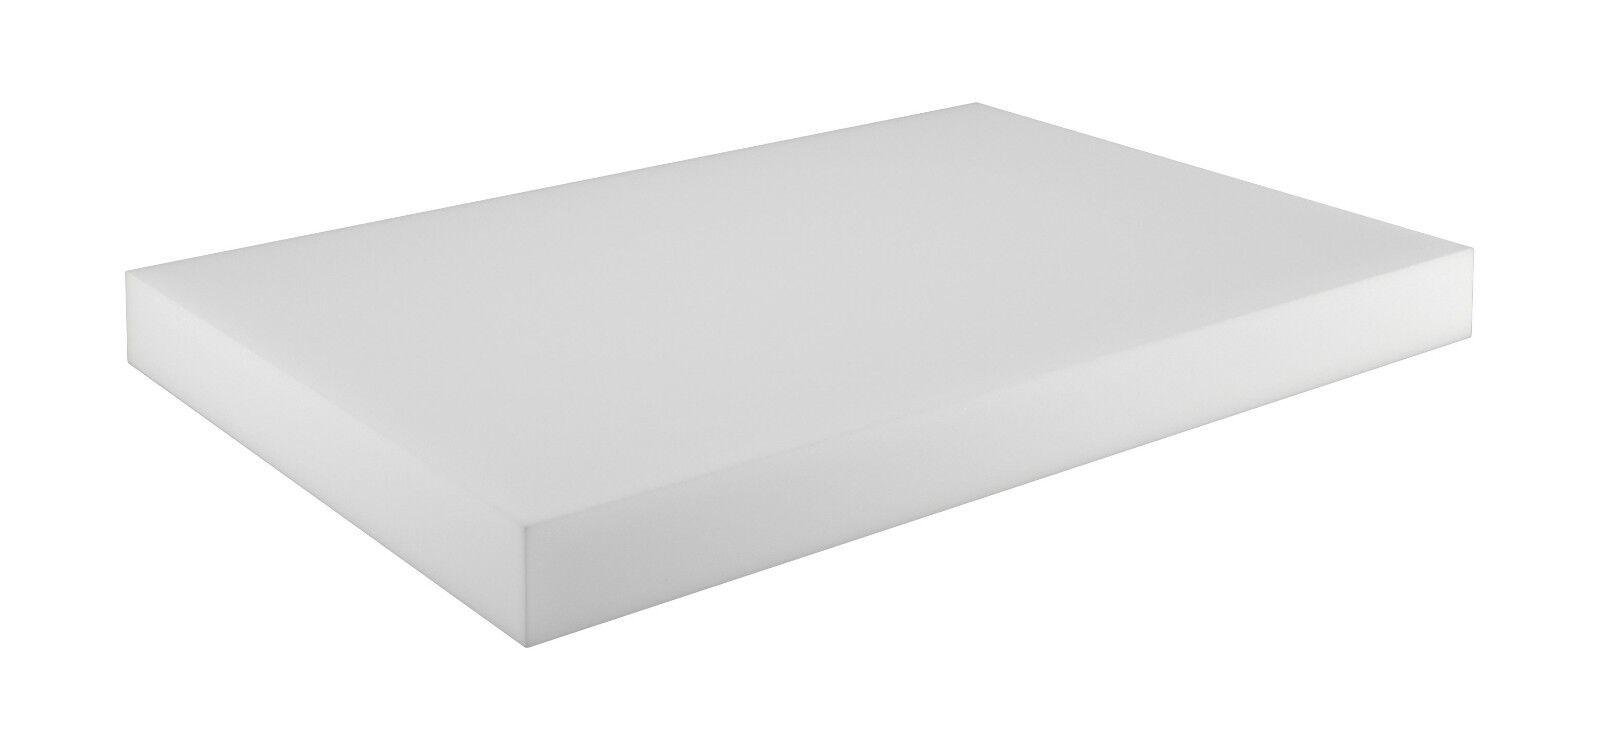 Schaumstoffplatte für Europalette Polsterauflage Matratze Zuschnitt 120x80cm Sitzkissen 120x80x15cm